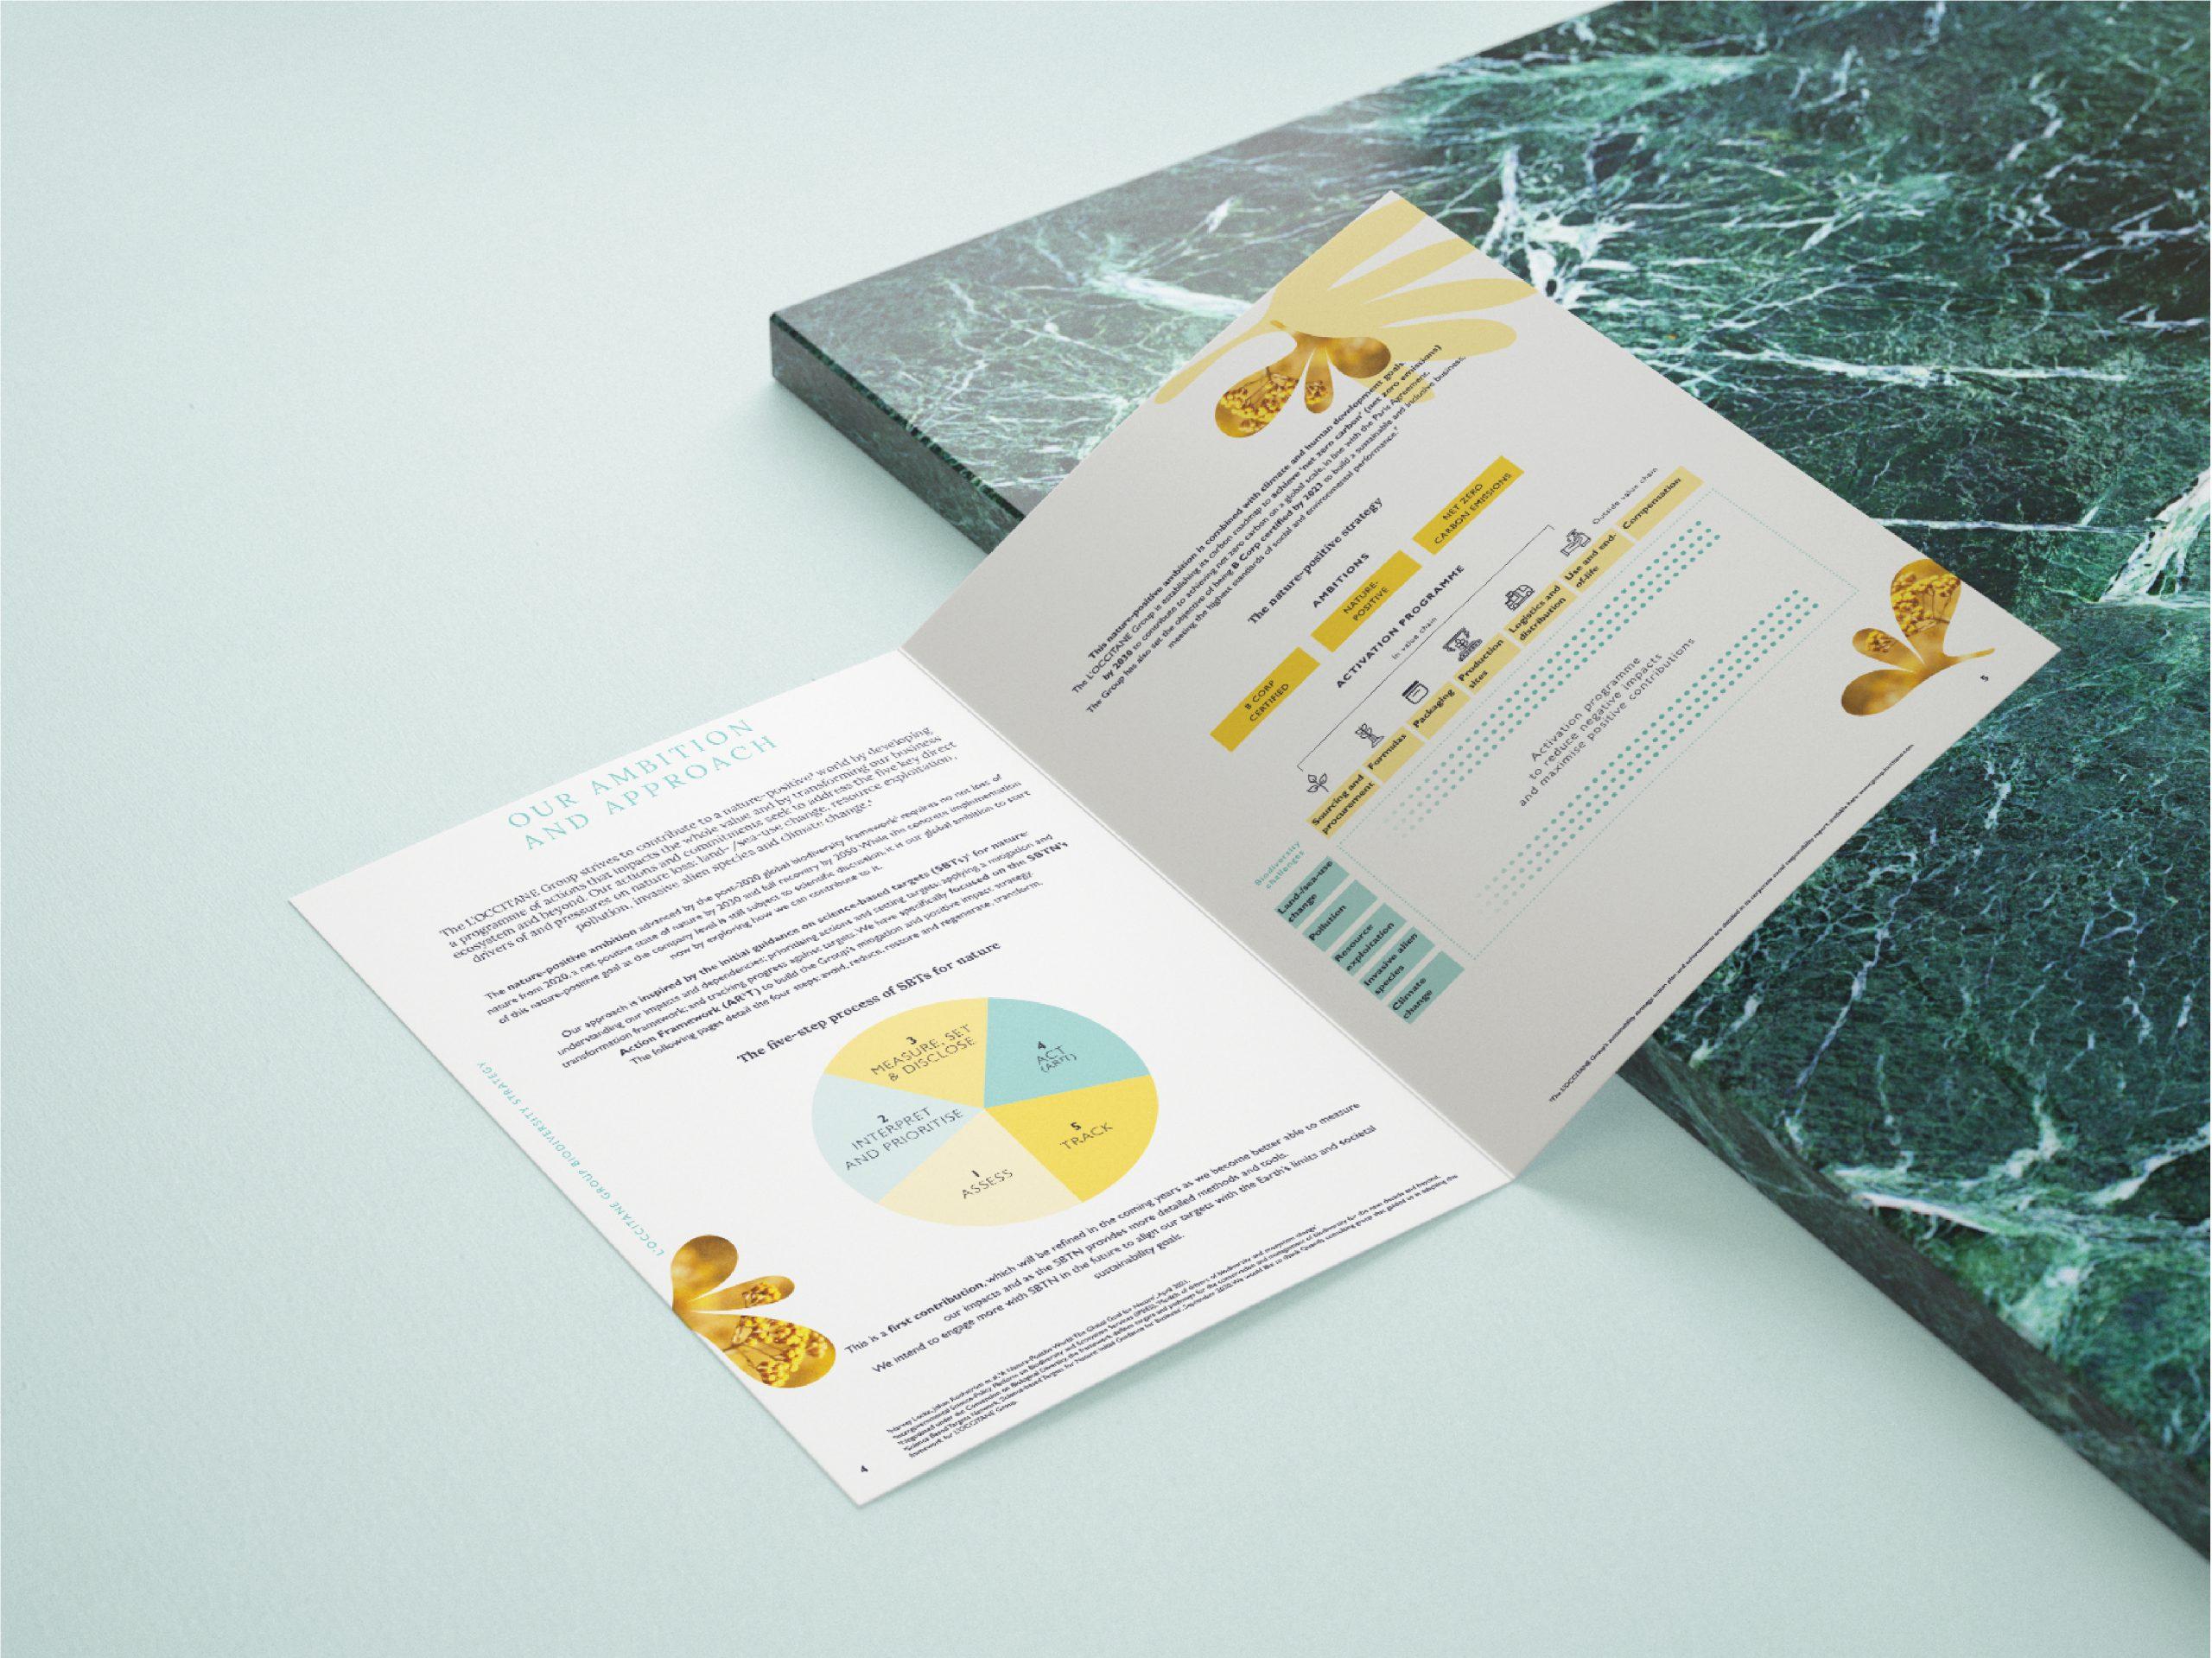 Leaflet IUCN Groupe L'Occitane